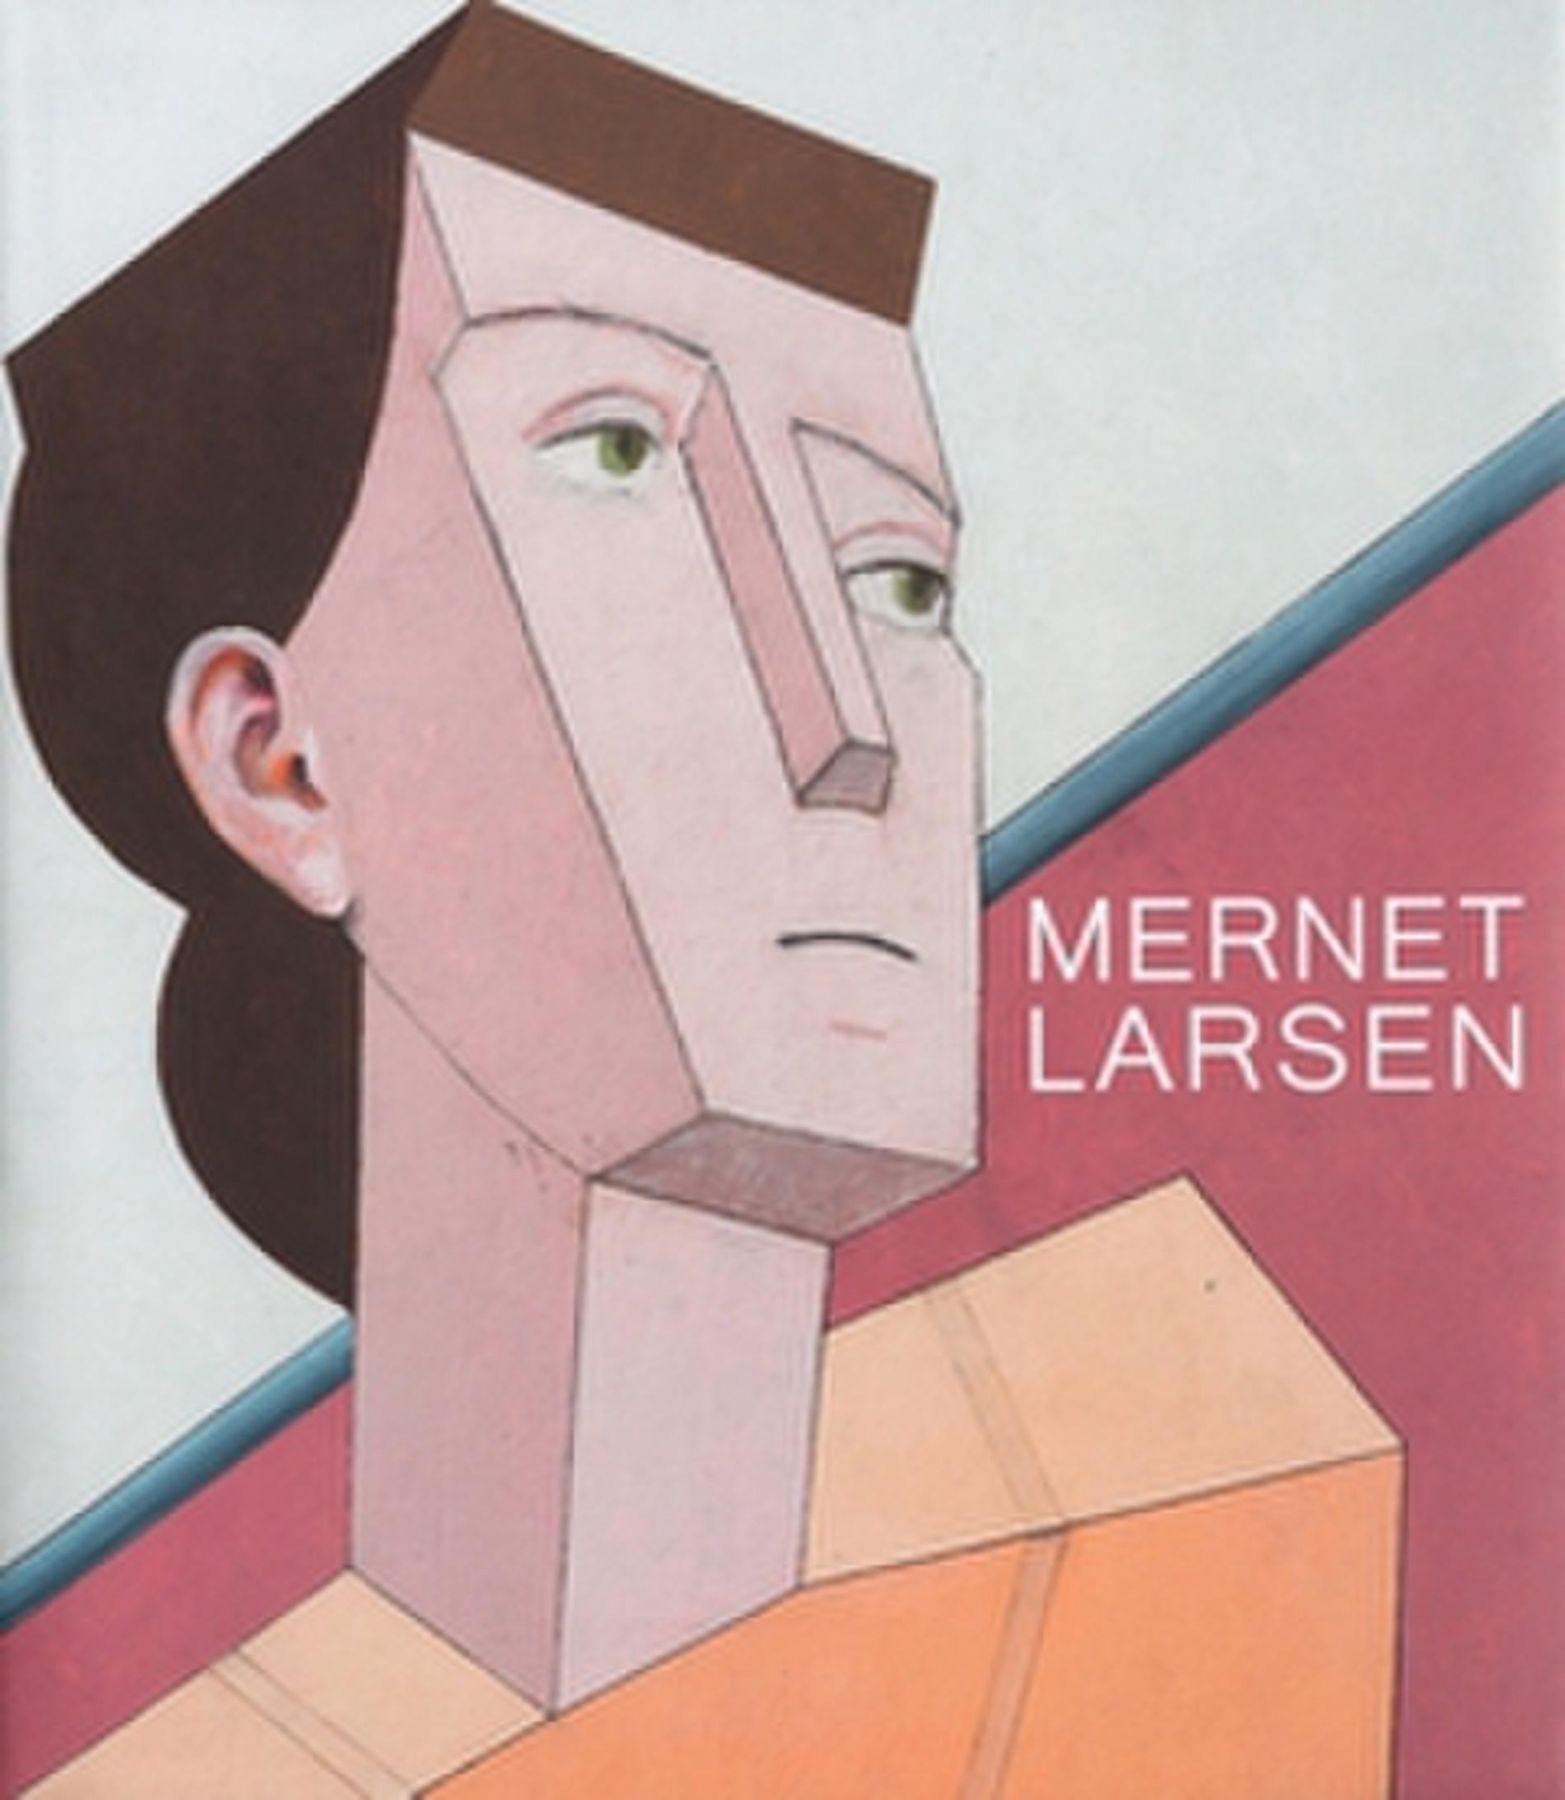 Mernet Larsen